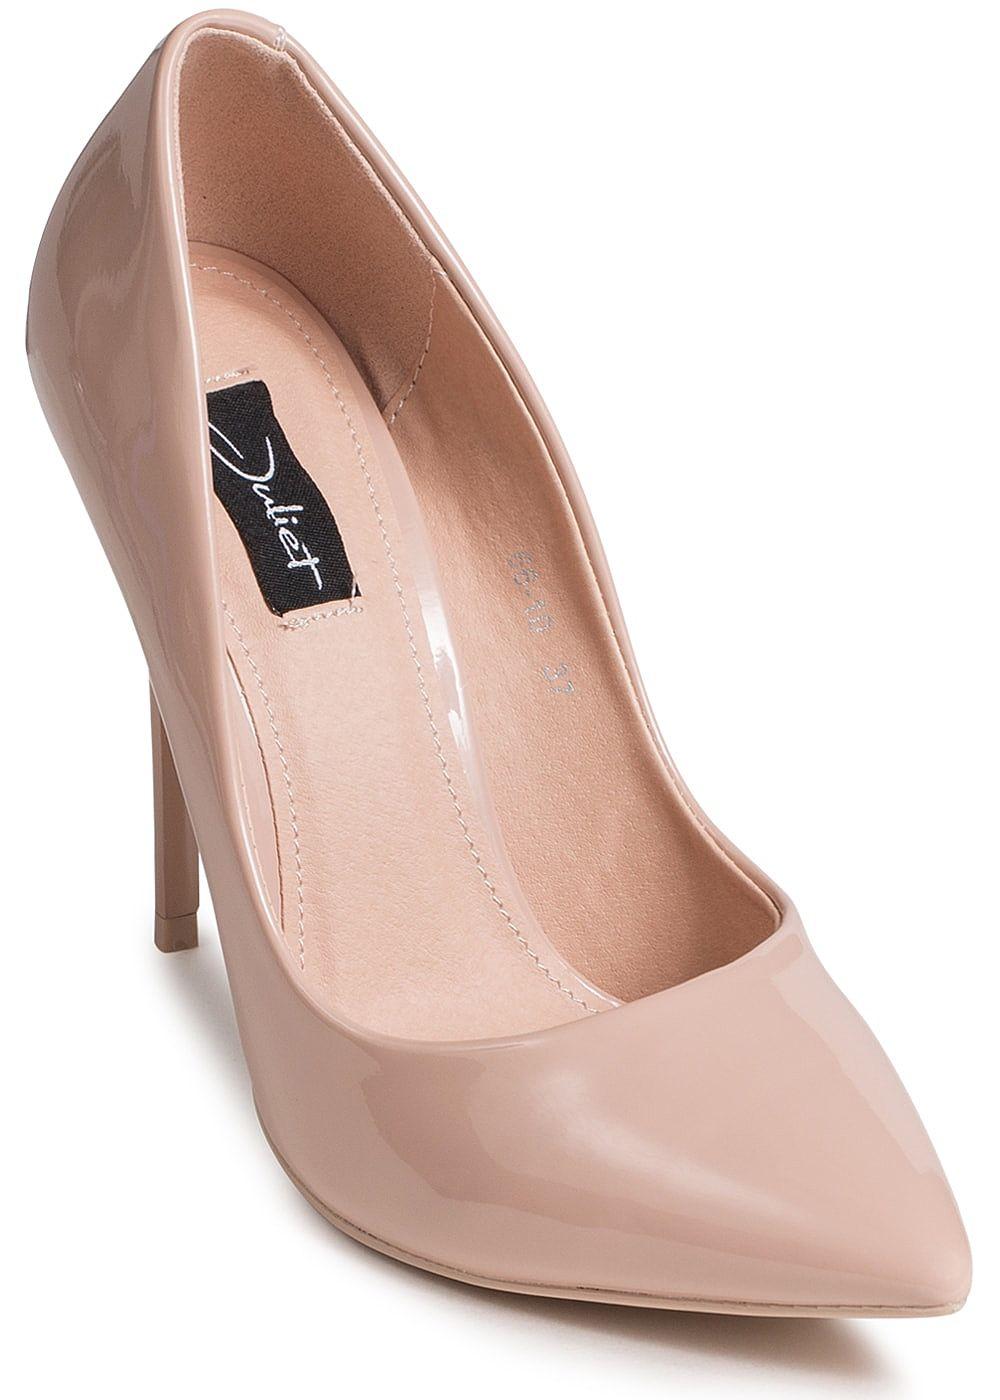 72d19b1fabfa55 Seventyseven Lifestyle Schuh Damen Pumps Absatz 11cm nude hell rosa ...